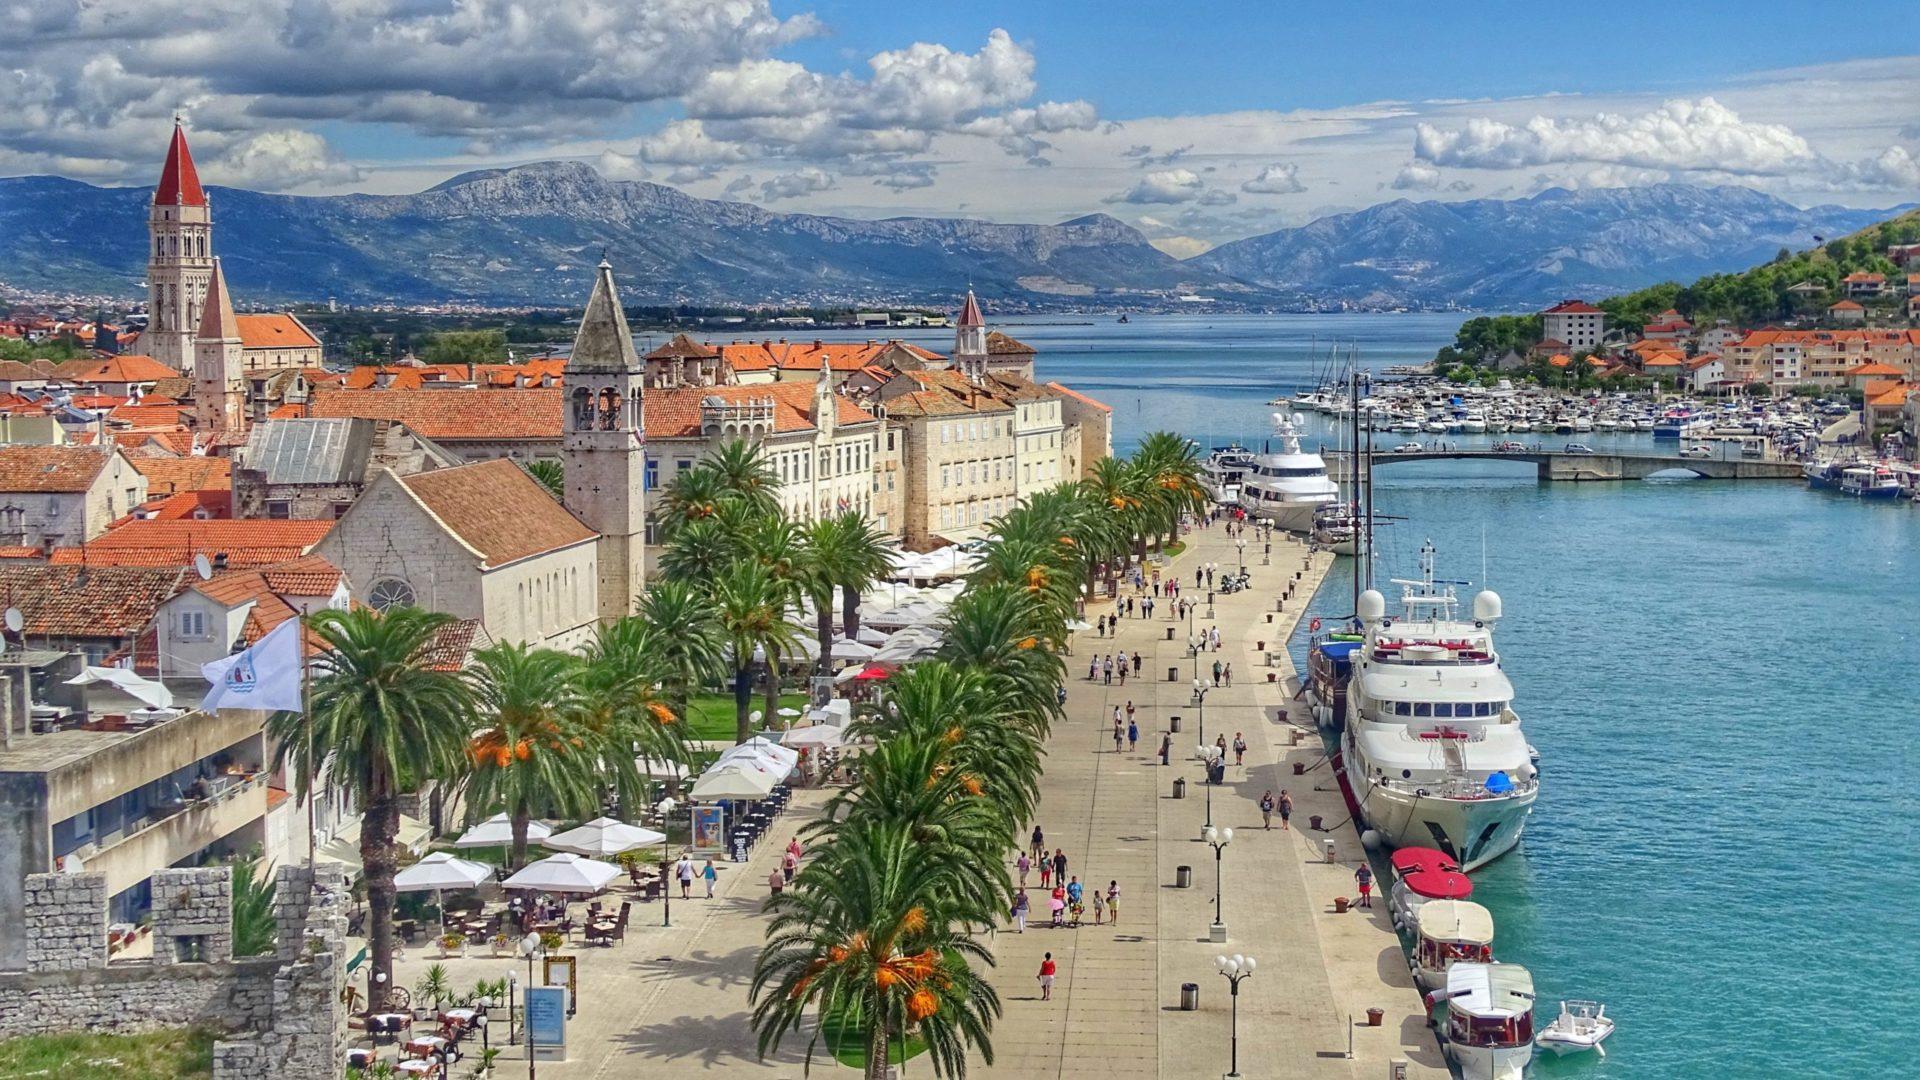 Wassertemperatur Trogir: Uferpromenade und Altstadt von Trogir, ganz links die Laurentius-Kathedrale, rechts die Insel Čiovo